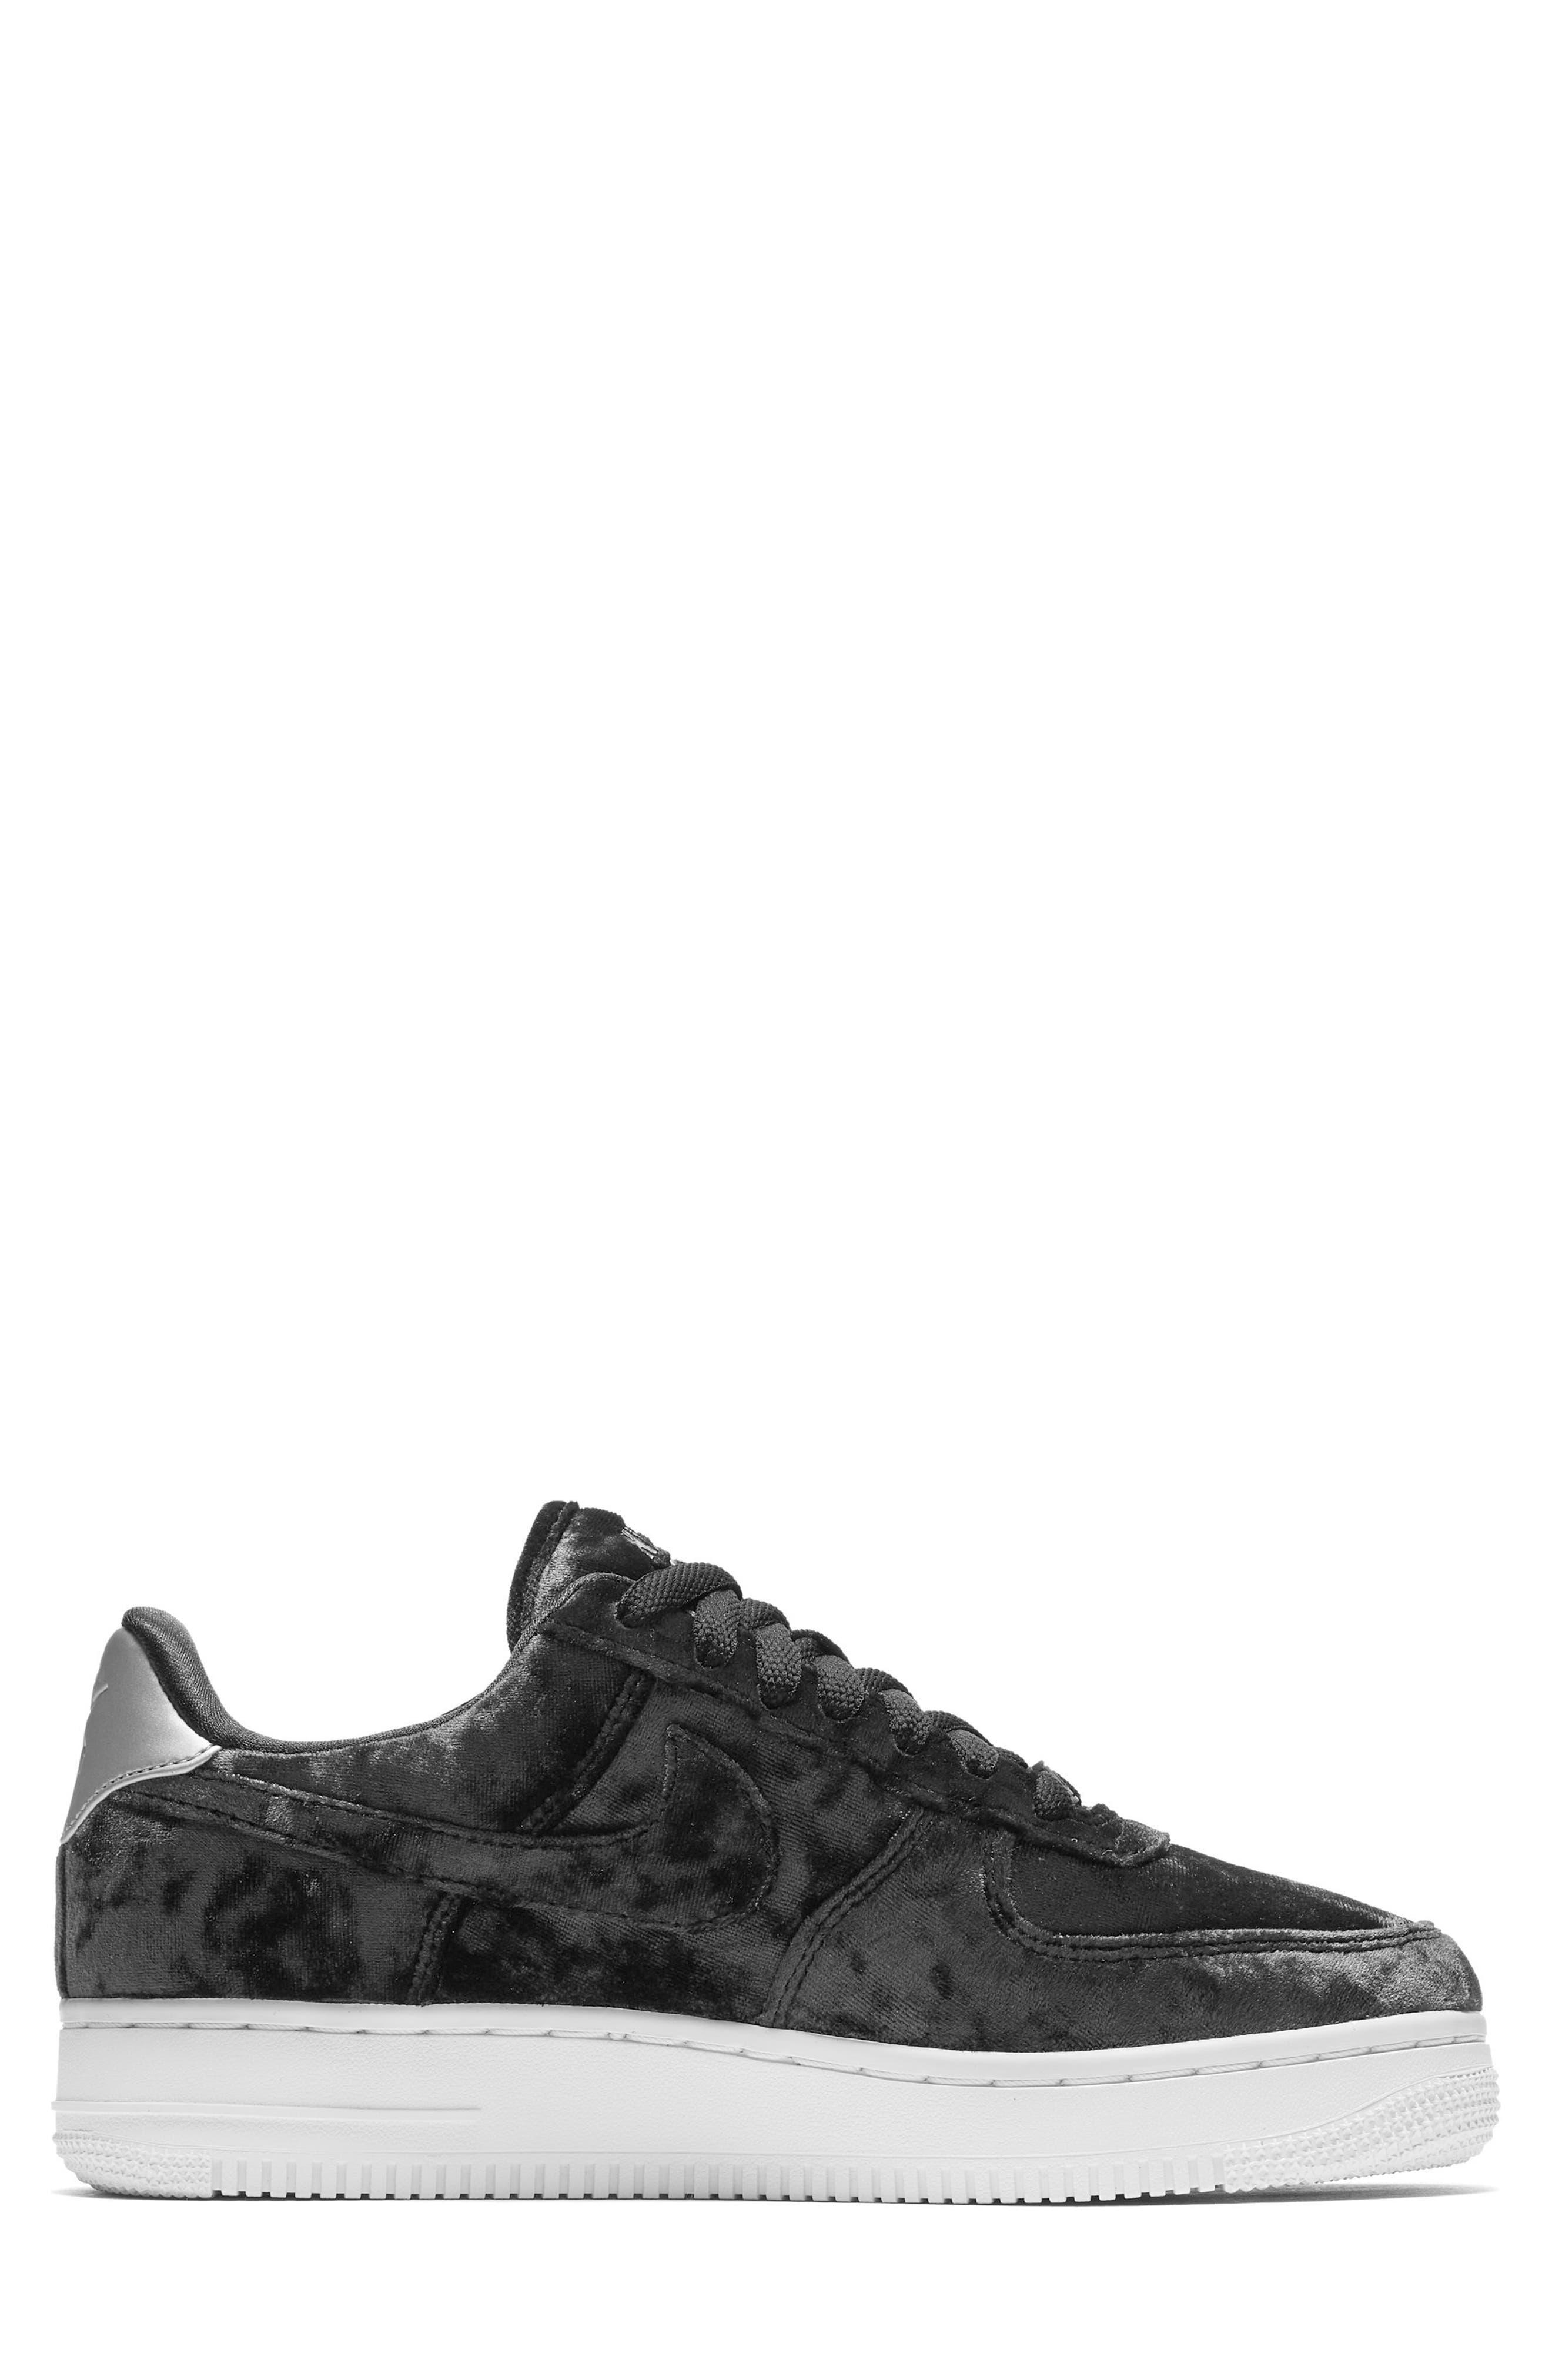 Air Force 1 '07 Premium Sneaker,                             Alternate thumbnail 3, color,                             003